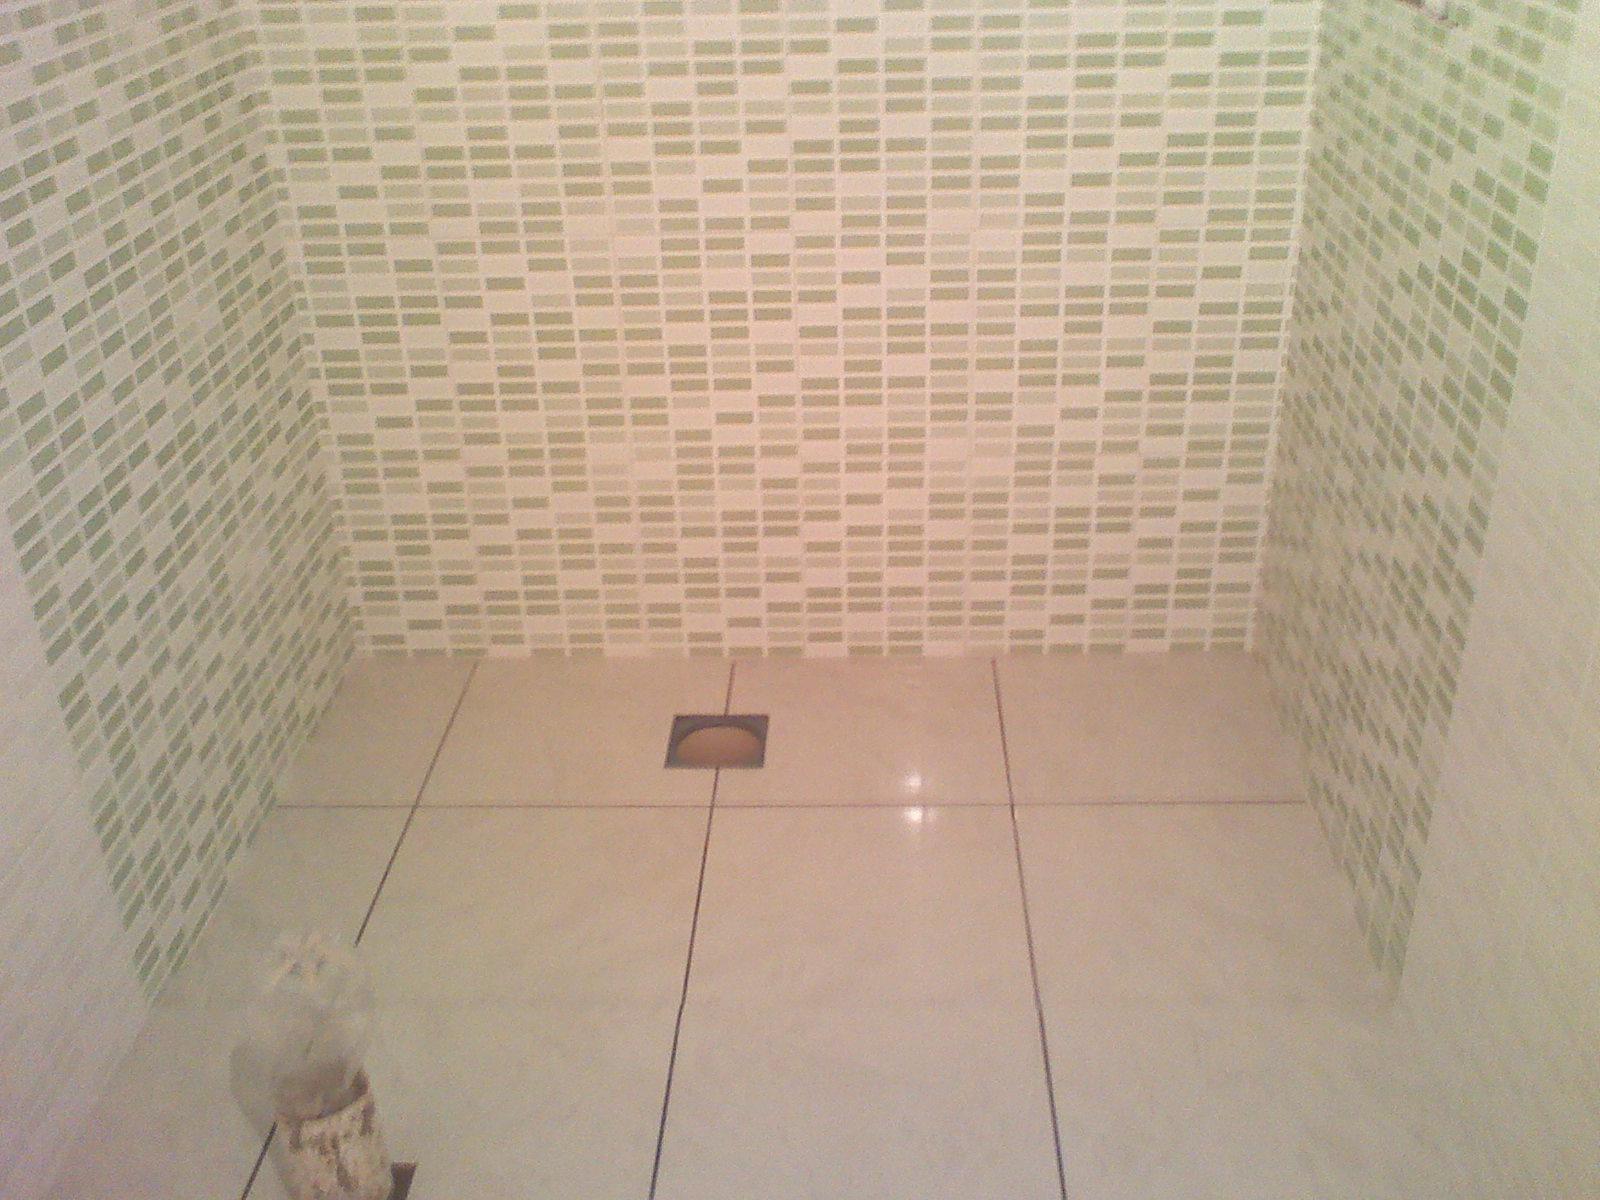 Imagens de #886843 Maridão dando os últimos retoques para poder instalar nossas  1600x1200 px 2776 Box Banheiro Nh